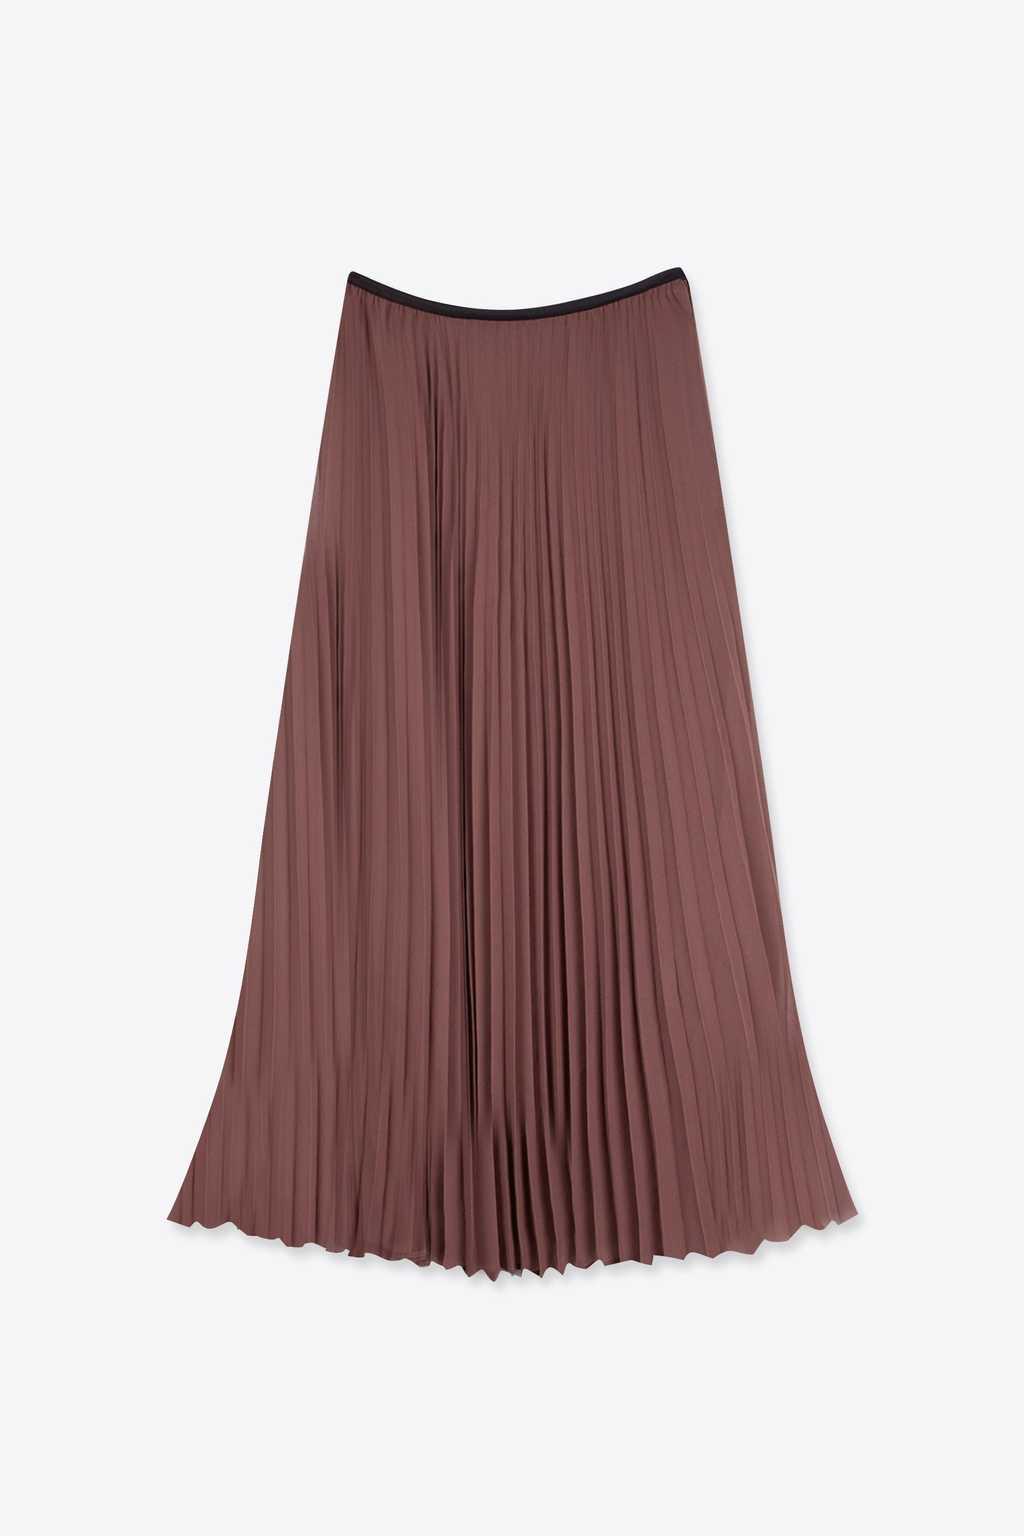 Skirt G007 Brown 14